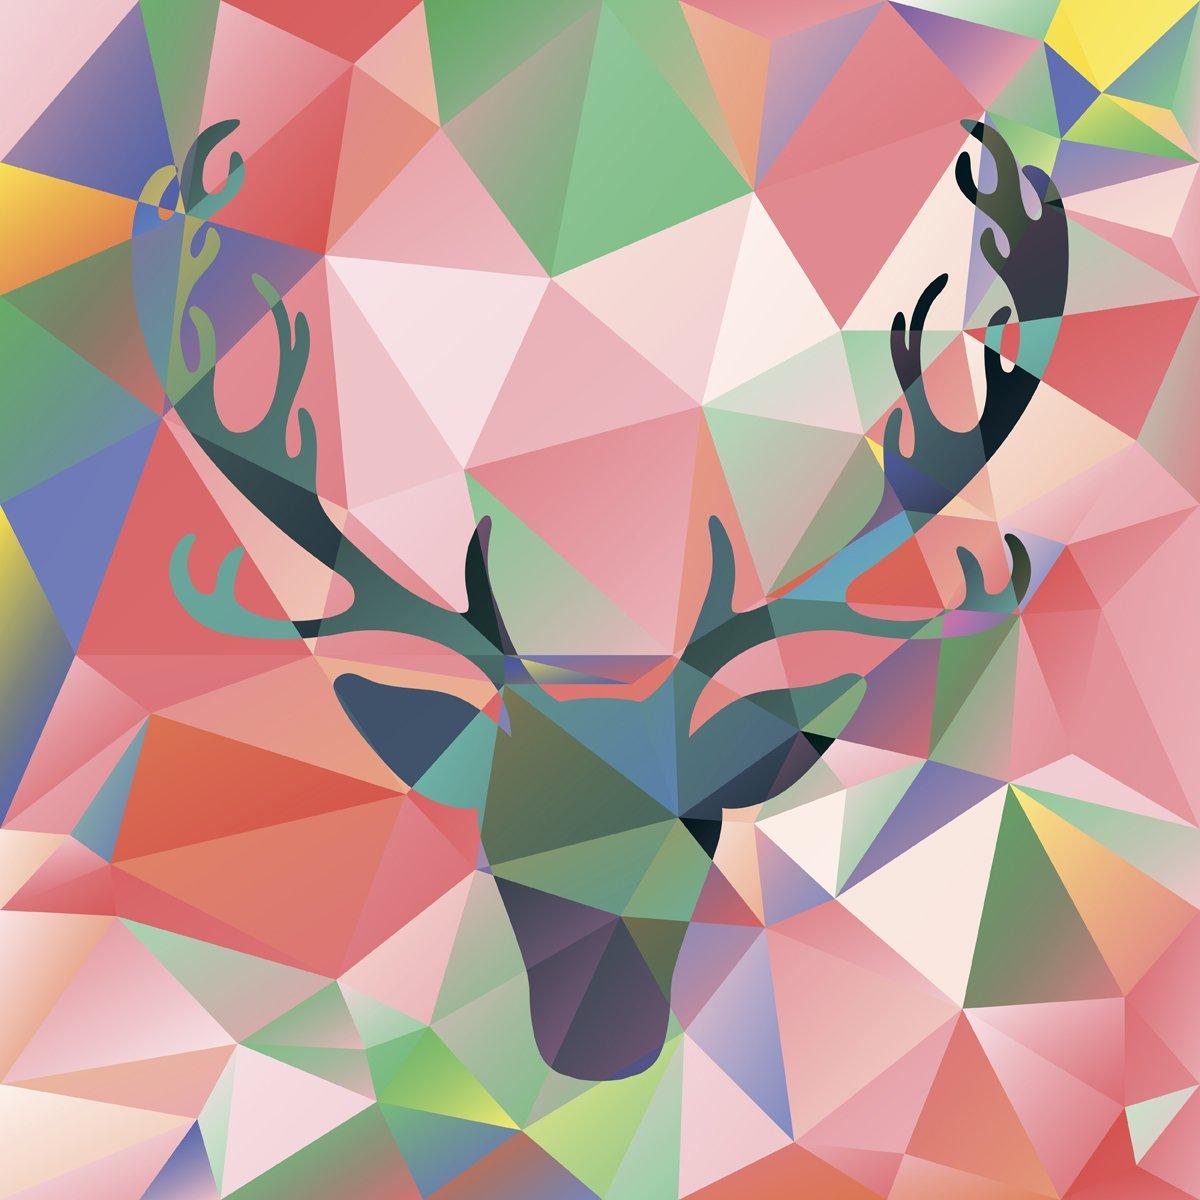 Постер-картина Полигональный арт Голова оленя векторная полигональная мозаика абстрактный рисунок лося силуэт фонПолигональный арт<br>Постер на холсте или бумаге. Любого нужного вам размера. В раме или без. Подвес в комплекте. Трехслойная надежная упаковка. Доставим в любую точку России. Вам осталось только повесить картину на стену!<br>